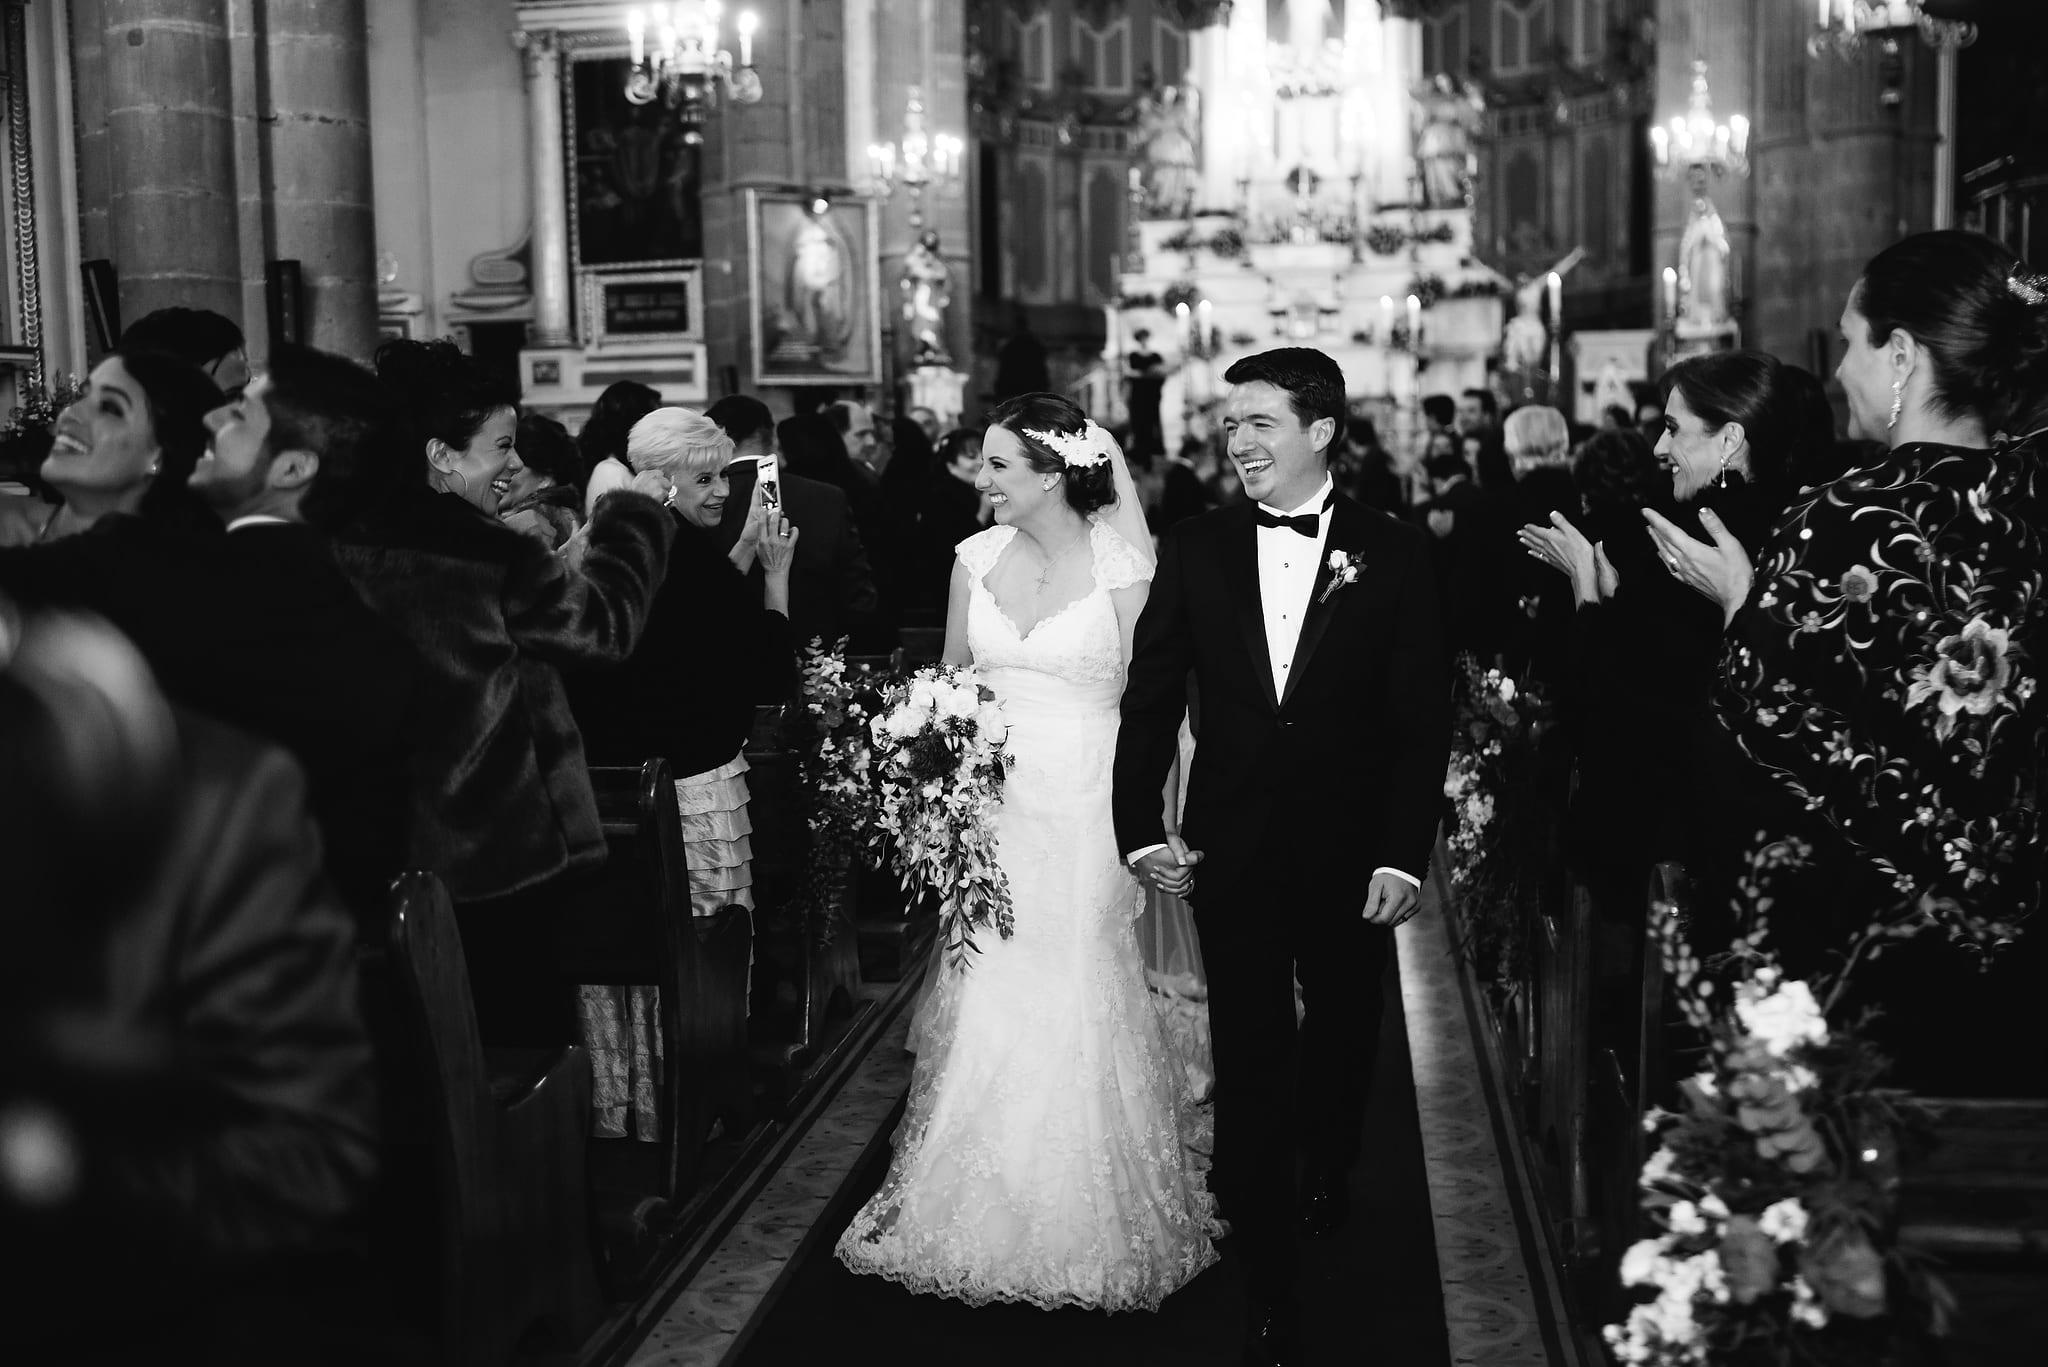 bodas-en-puebla-museo-de-san-pedro-la-compañia-0903